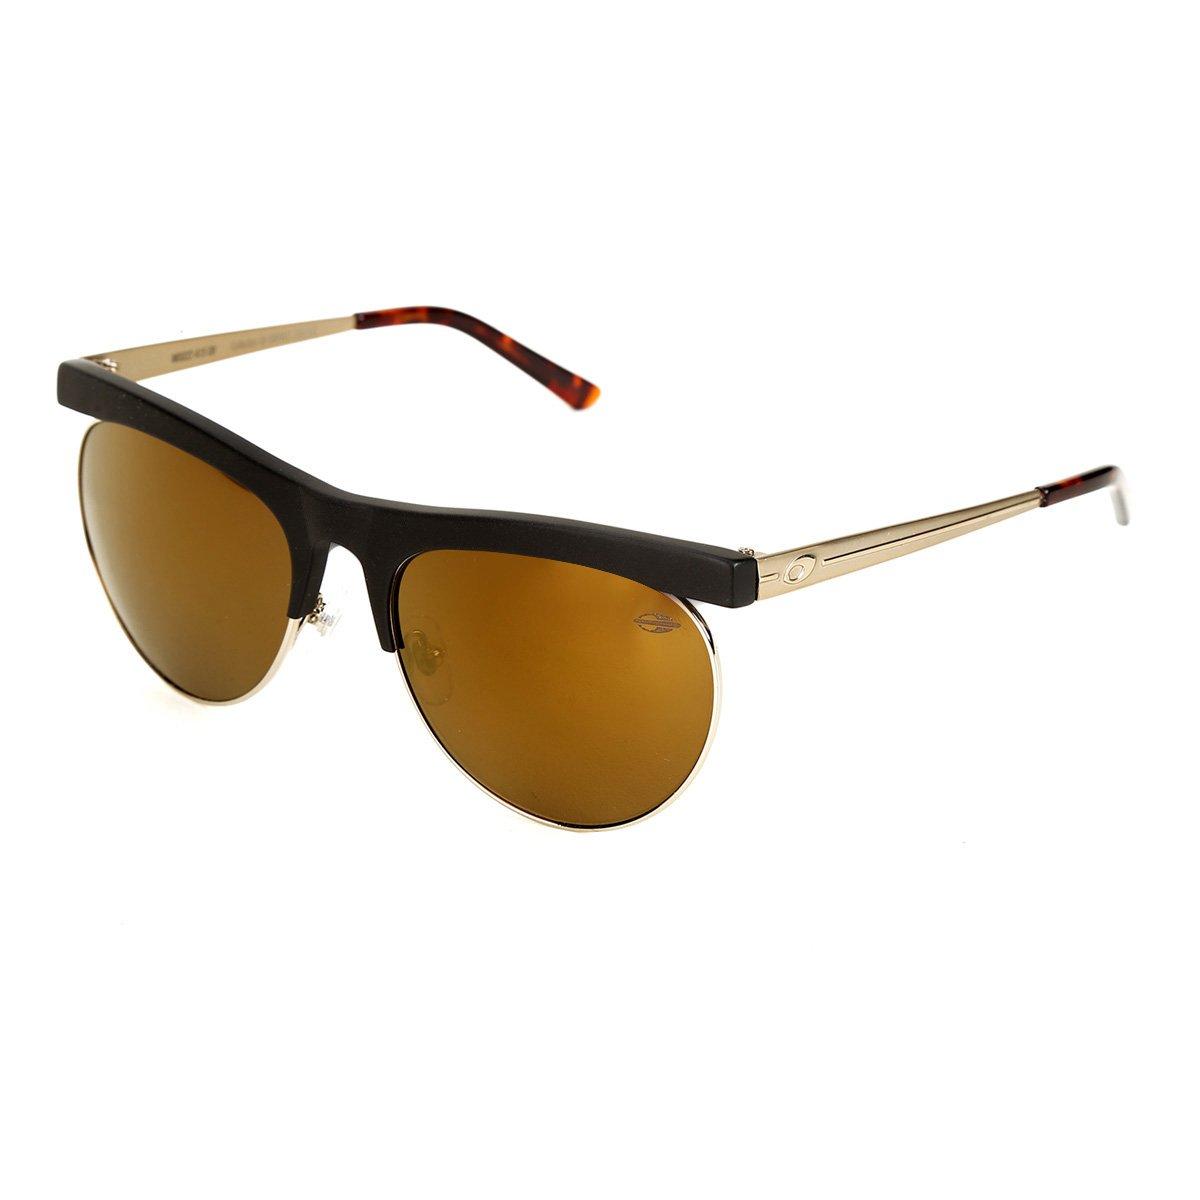 a8180e58d5261 Óculos de Sol Mormaii M0022A1508 Fosco Feminino - Compre Agora